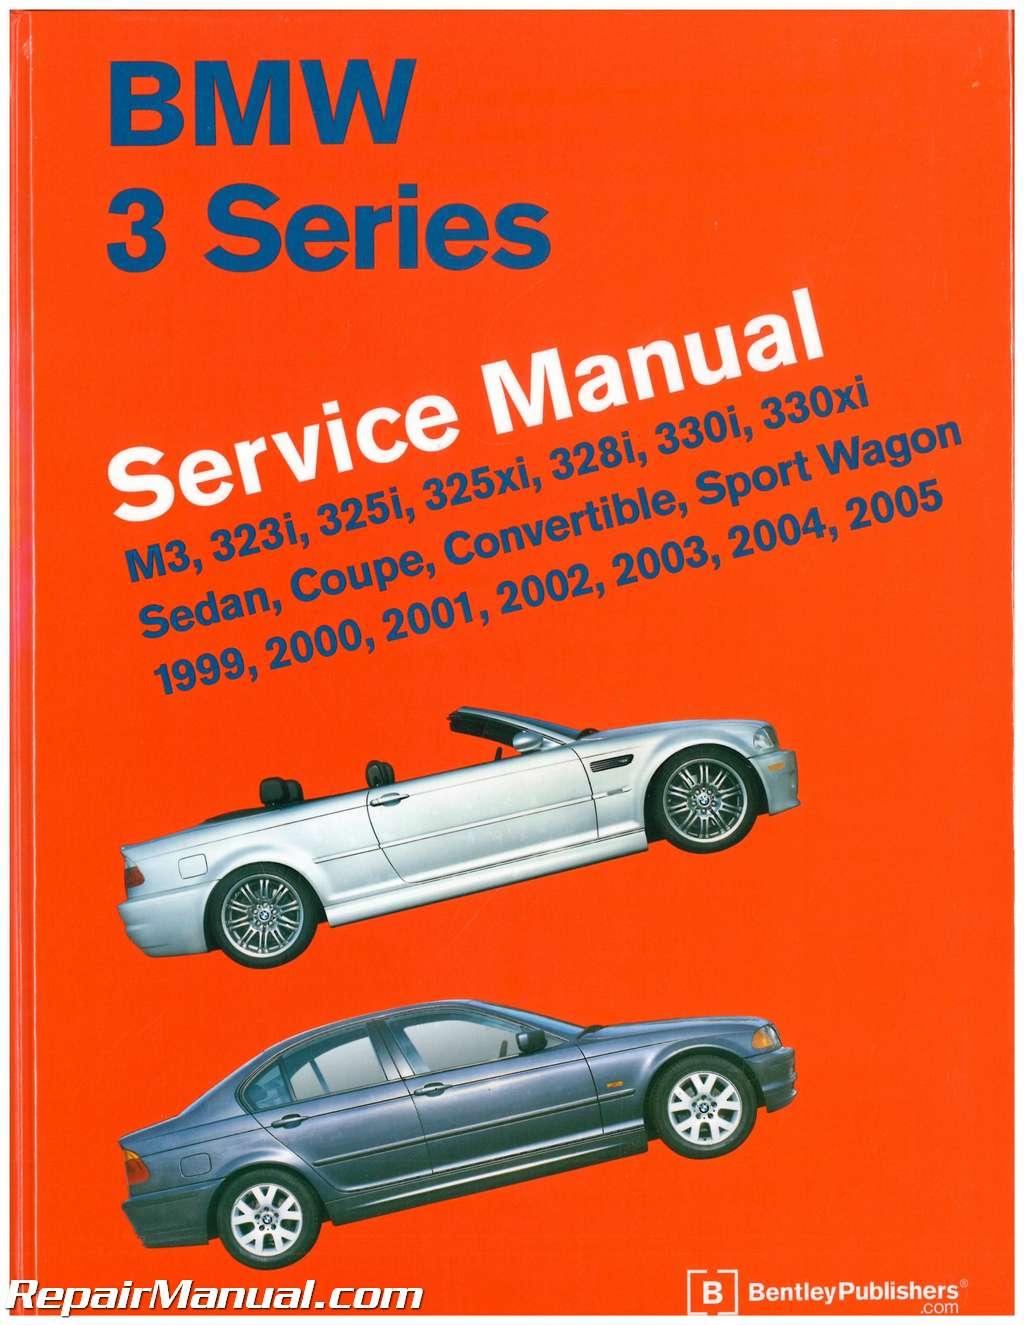 bmw 3 series e90 e91 e92 and e93 service manual 2006 2010 rh repairmanual  com BMW E30 Convertible BMW E93 Convertible 3